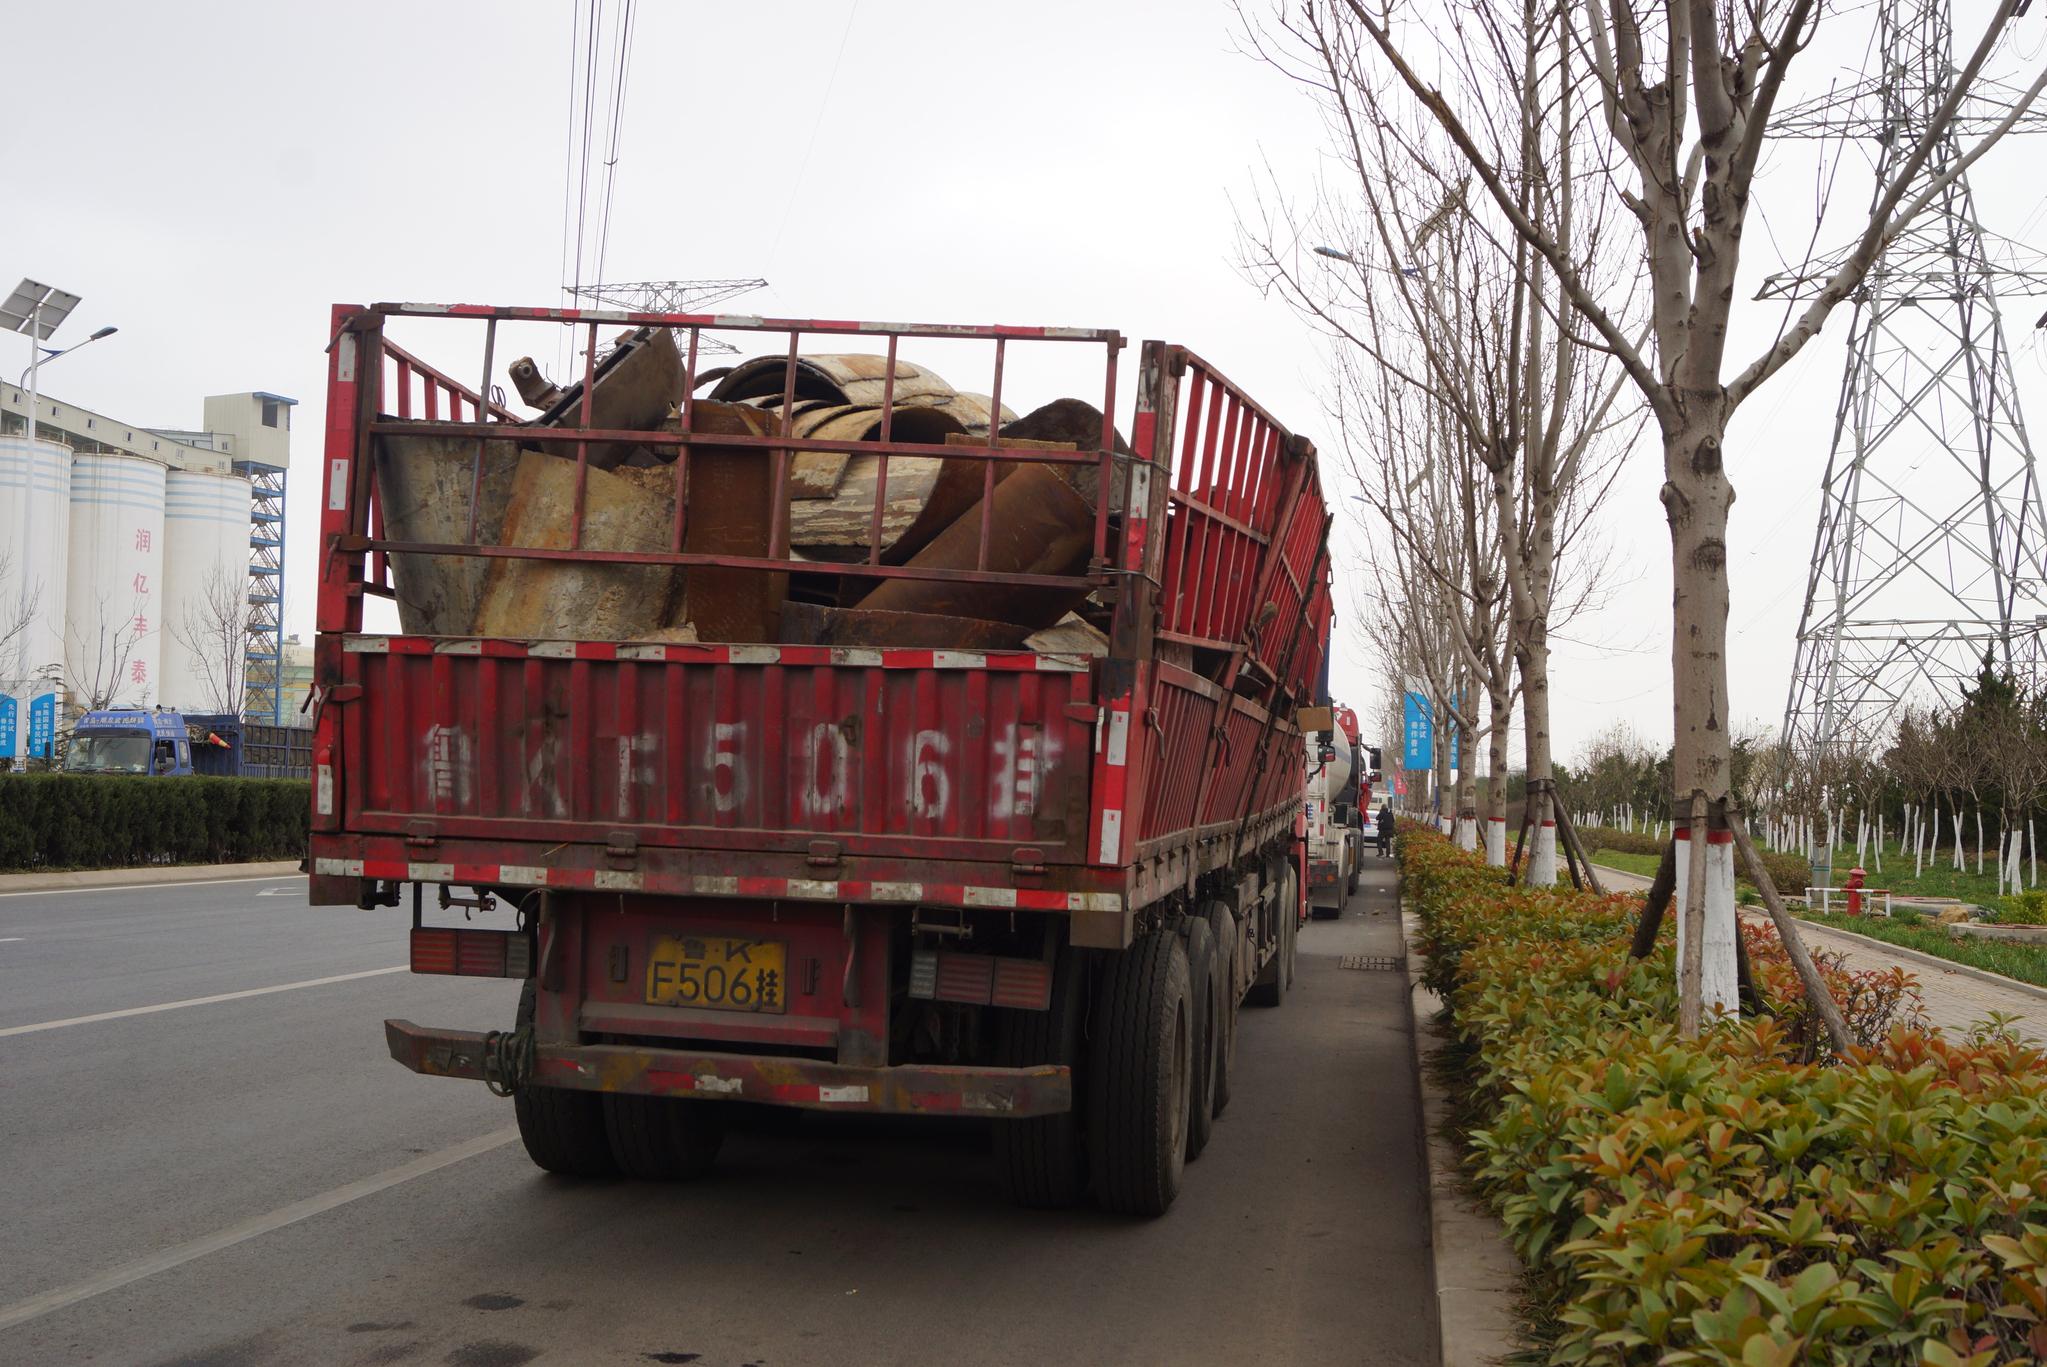 칭다오 외곽 칭다오 특수강 앞 도로에 주차하고 있는 트럭들. 철강 공장에서 사용할 고철을 싣고 있다. 칭다오=강찬수 기자